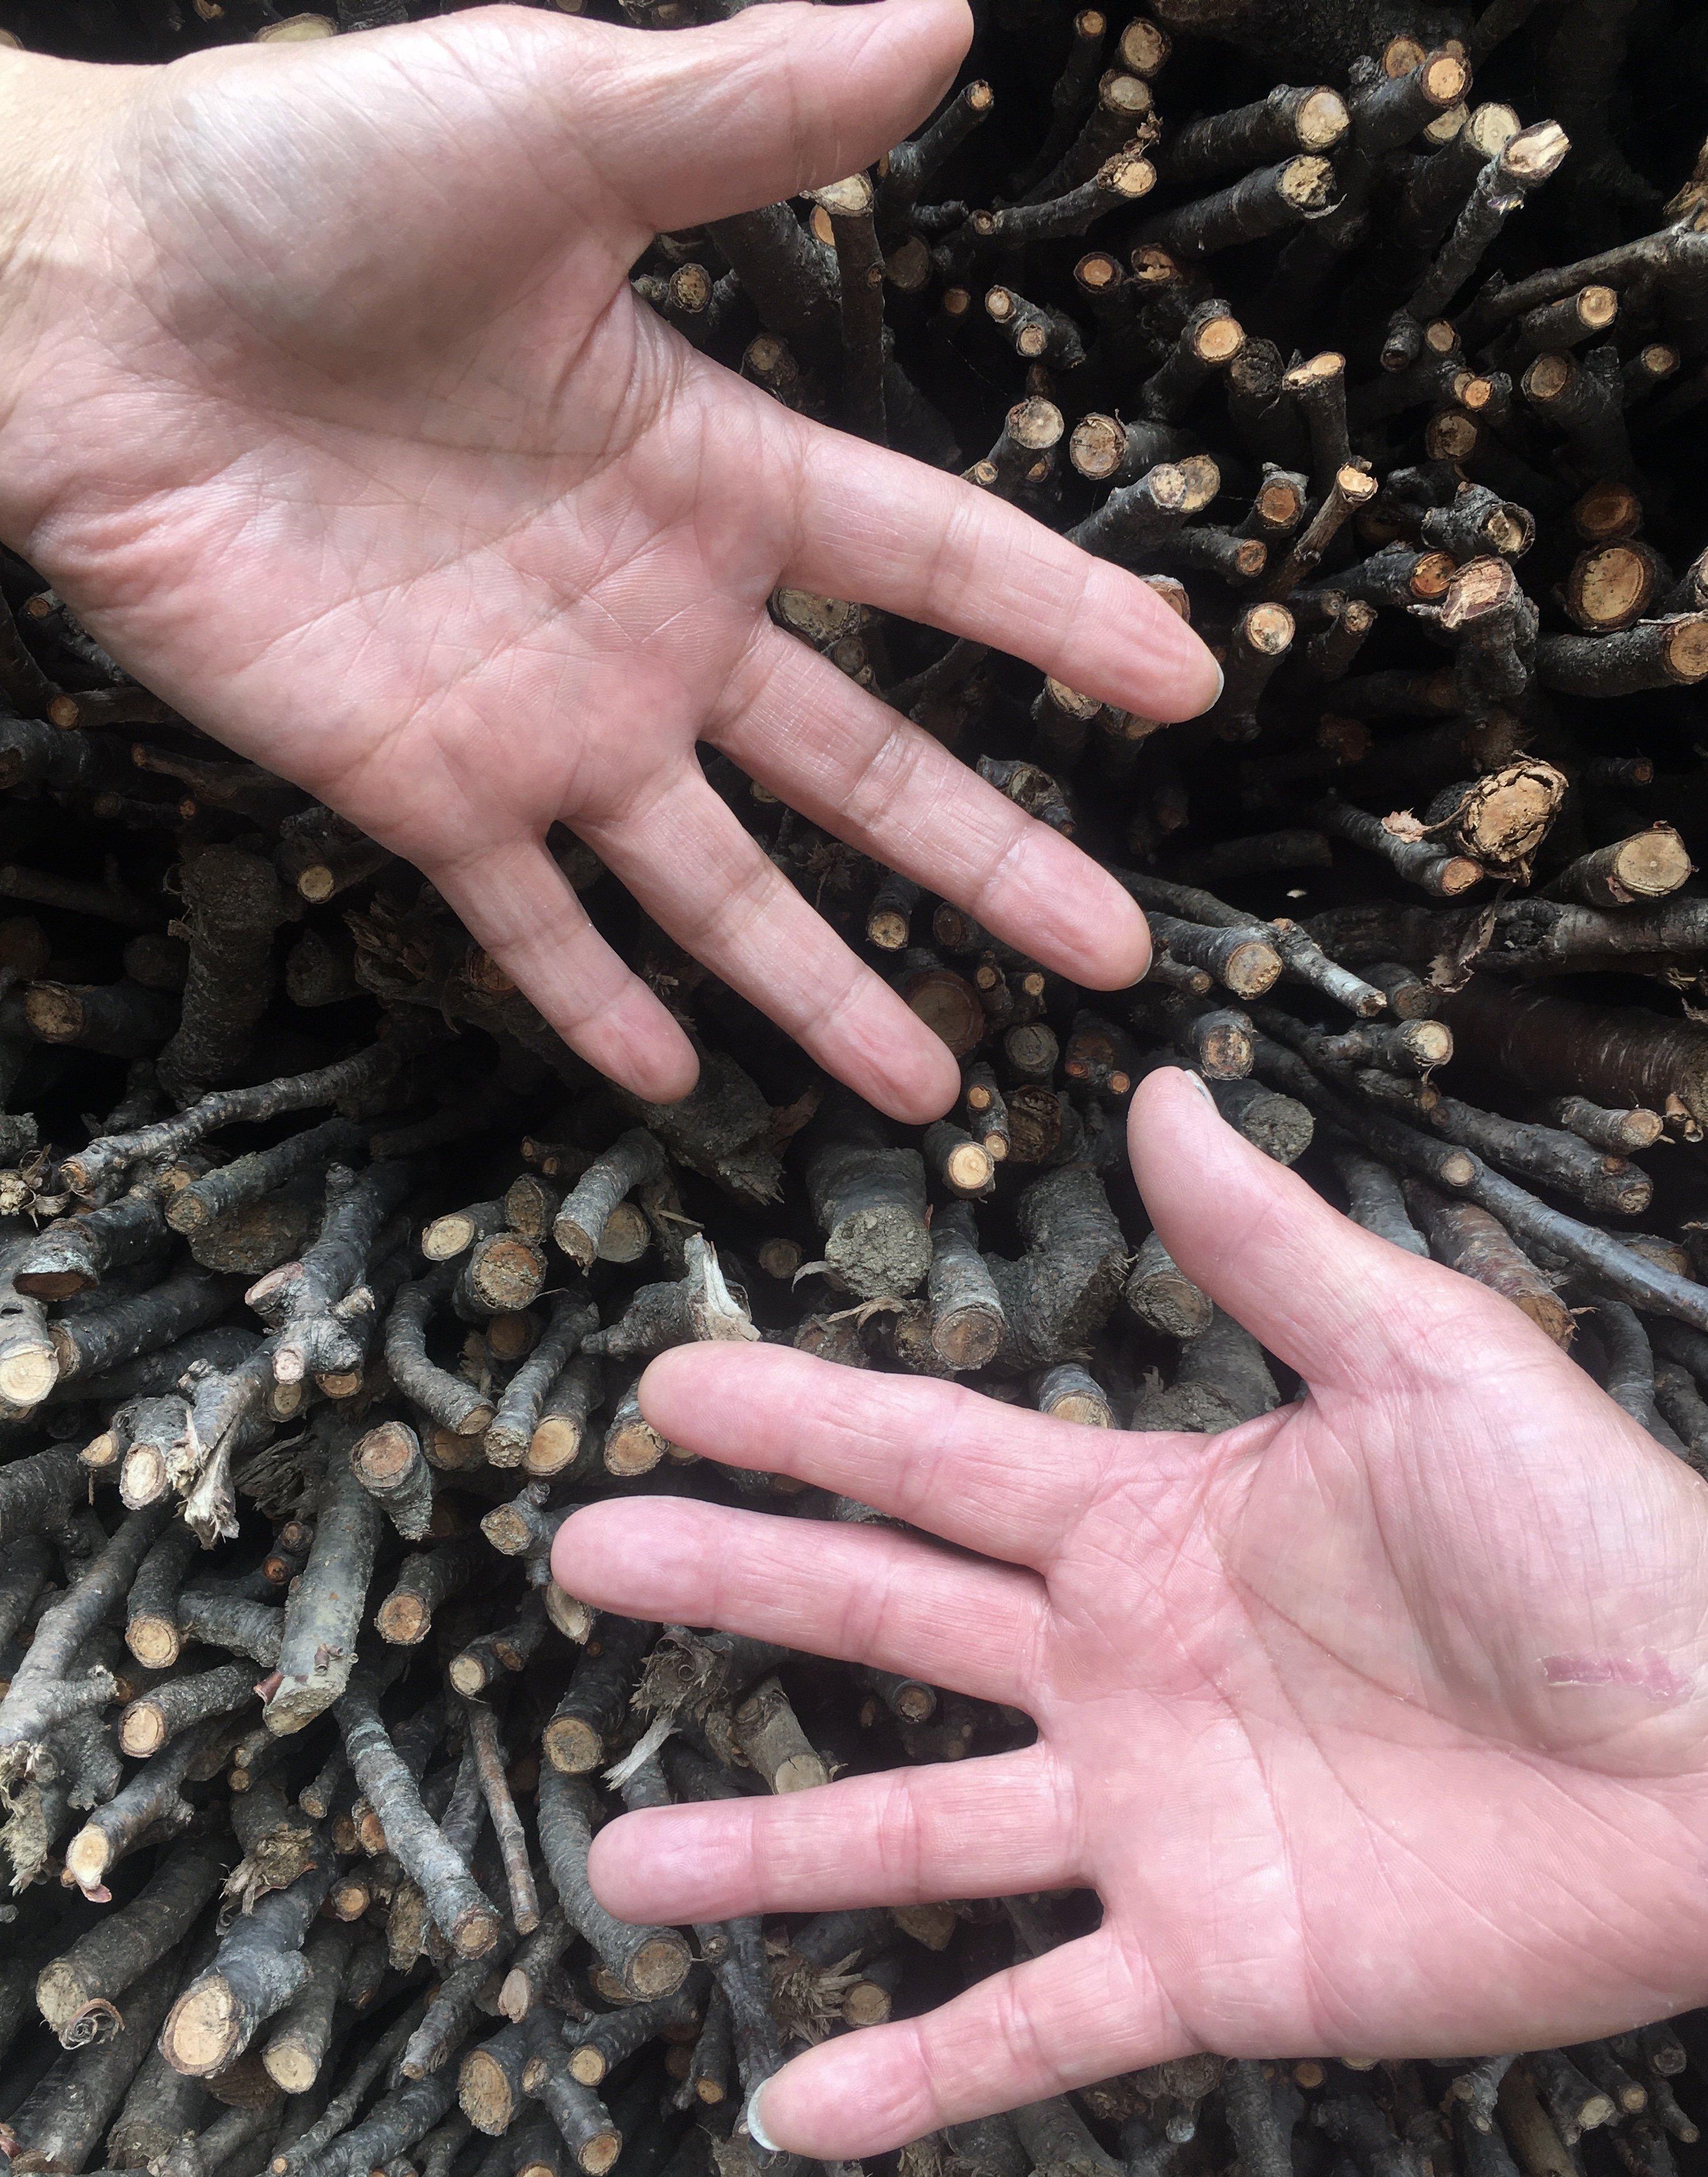 薪屋きすけ 薪(規格外木材自然なり)薪づくり作業体験 ご相談・お見積もりのイメージその6